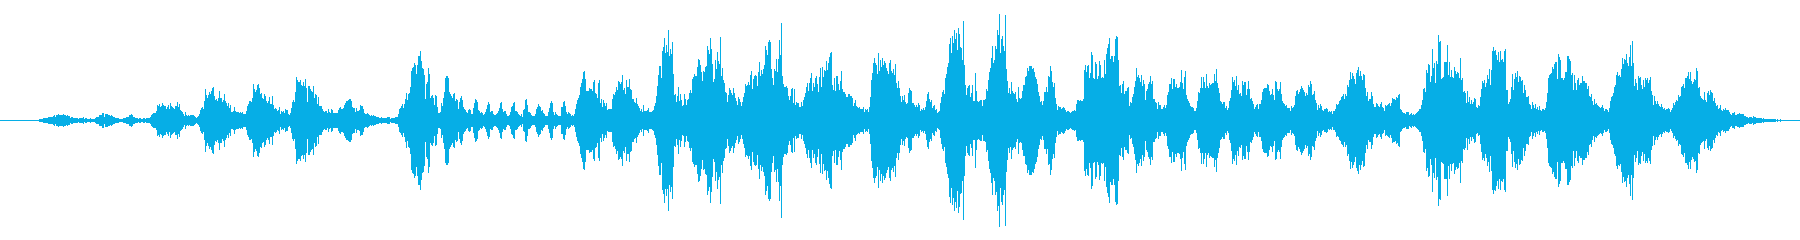 モスケミソサザイのさえずりの再生済みの波形